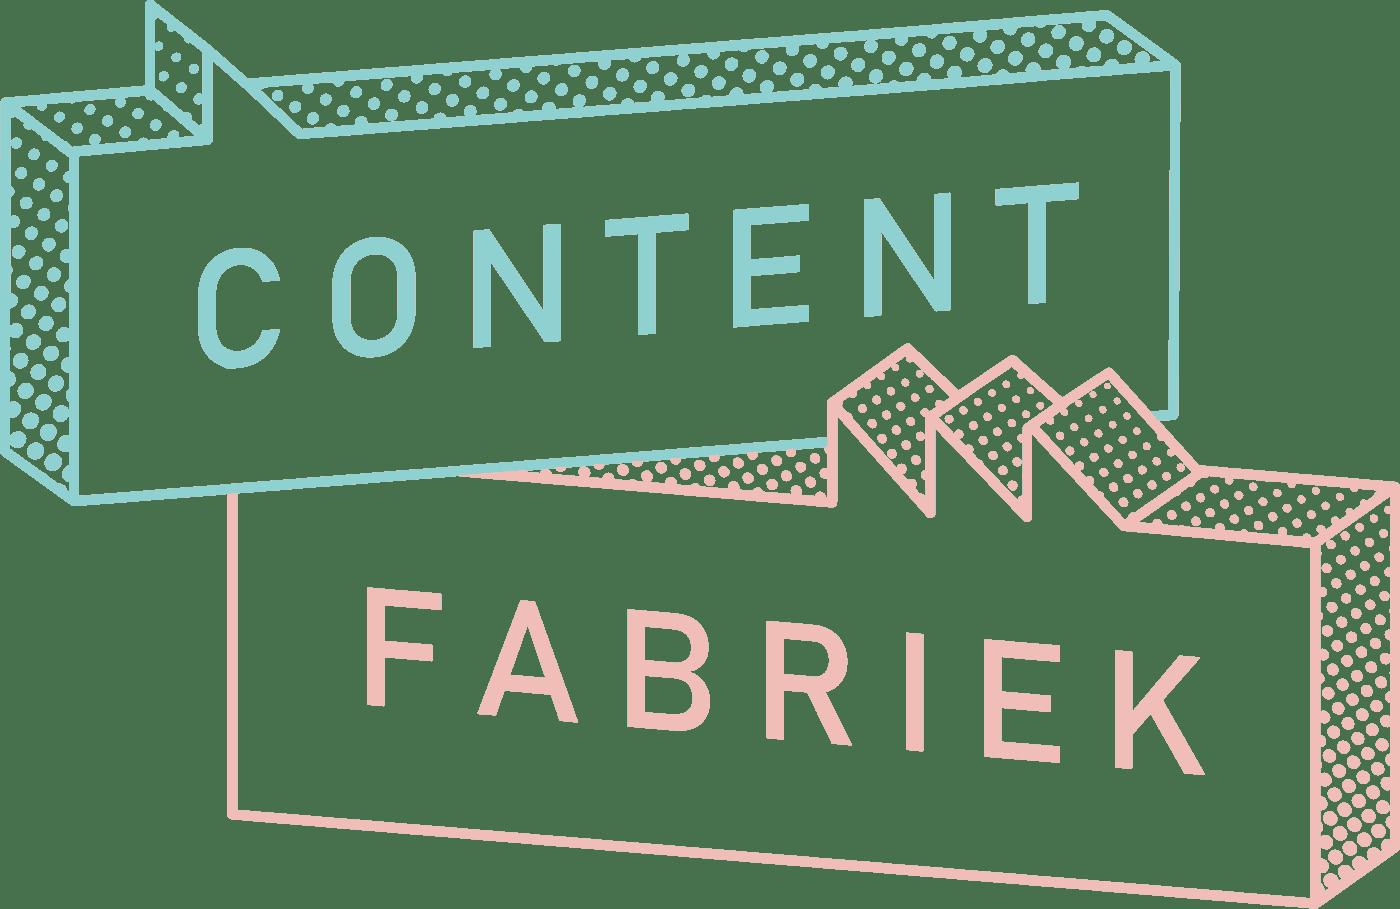 De Contentfabriek